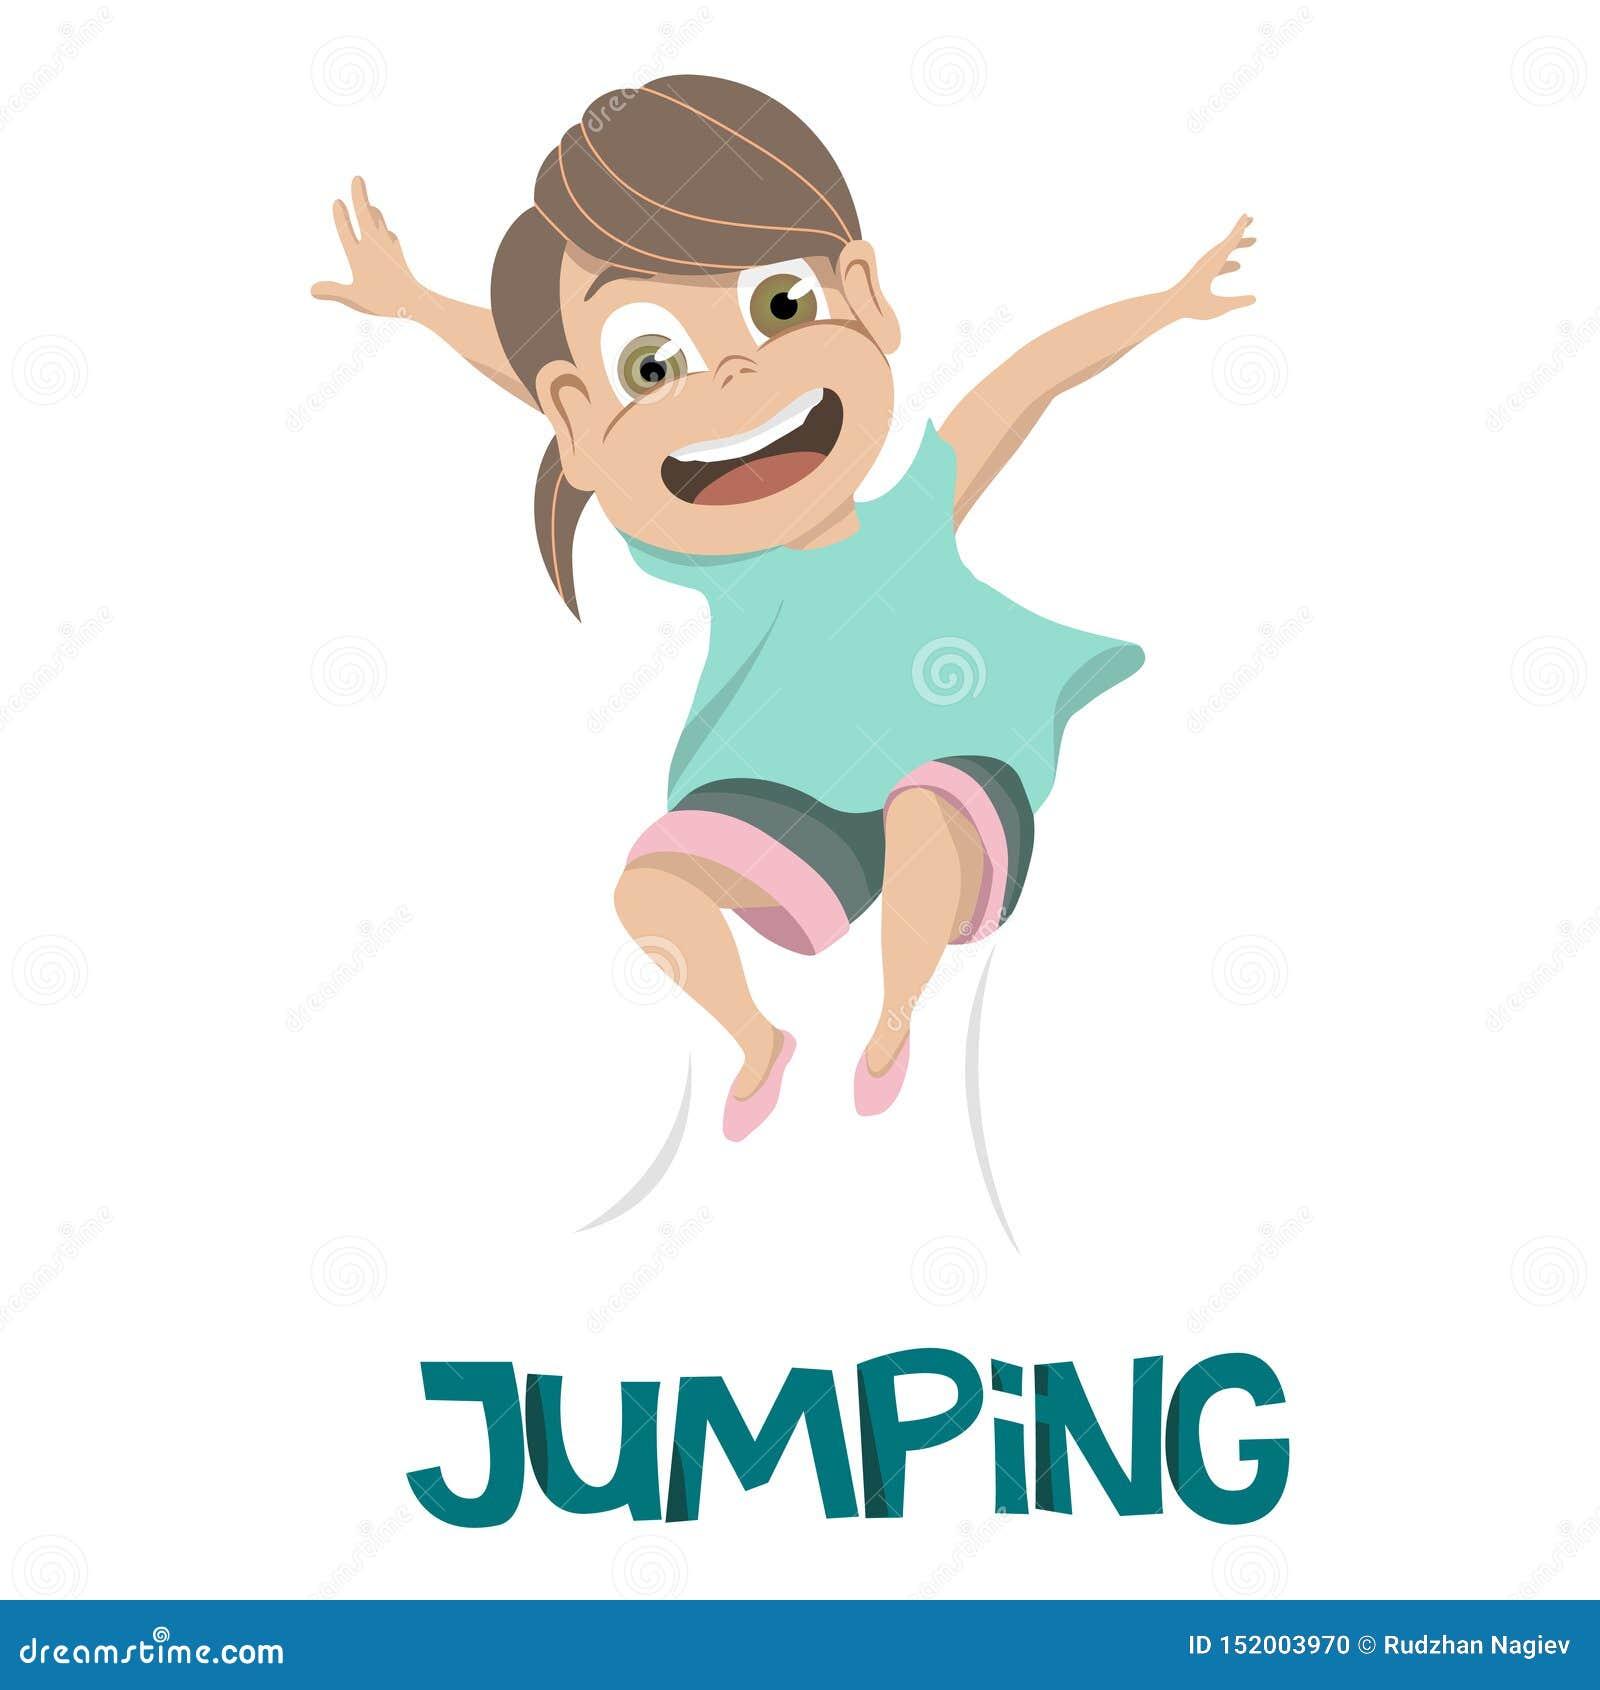 Dessin de la jeune fille de sourire dans la chemise bleu-clair sautant dans l air SAUTER en texte bleu-foncé